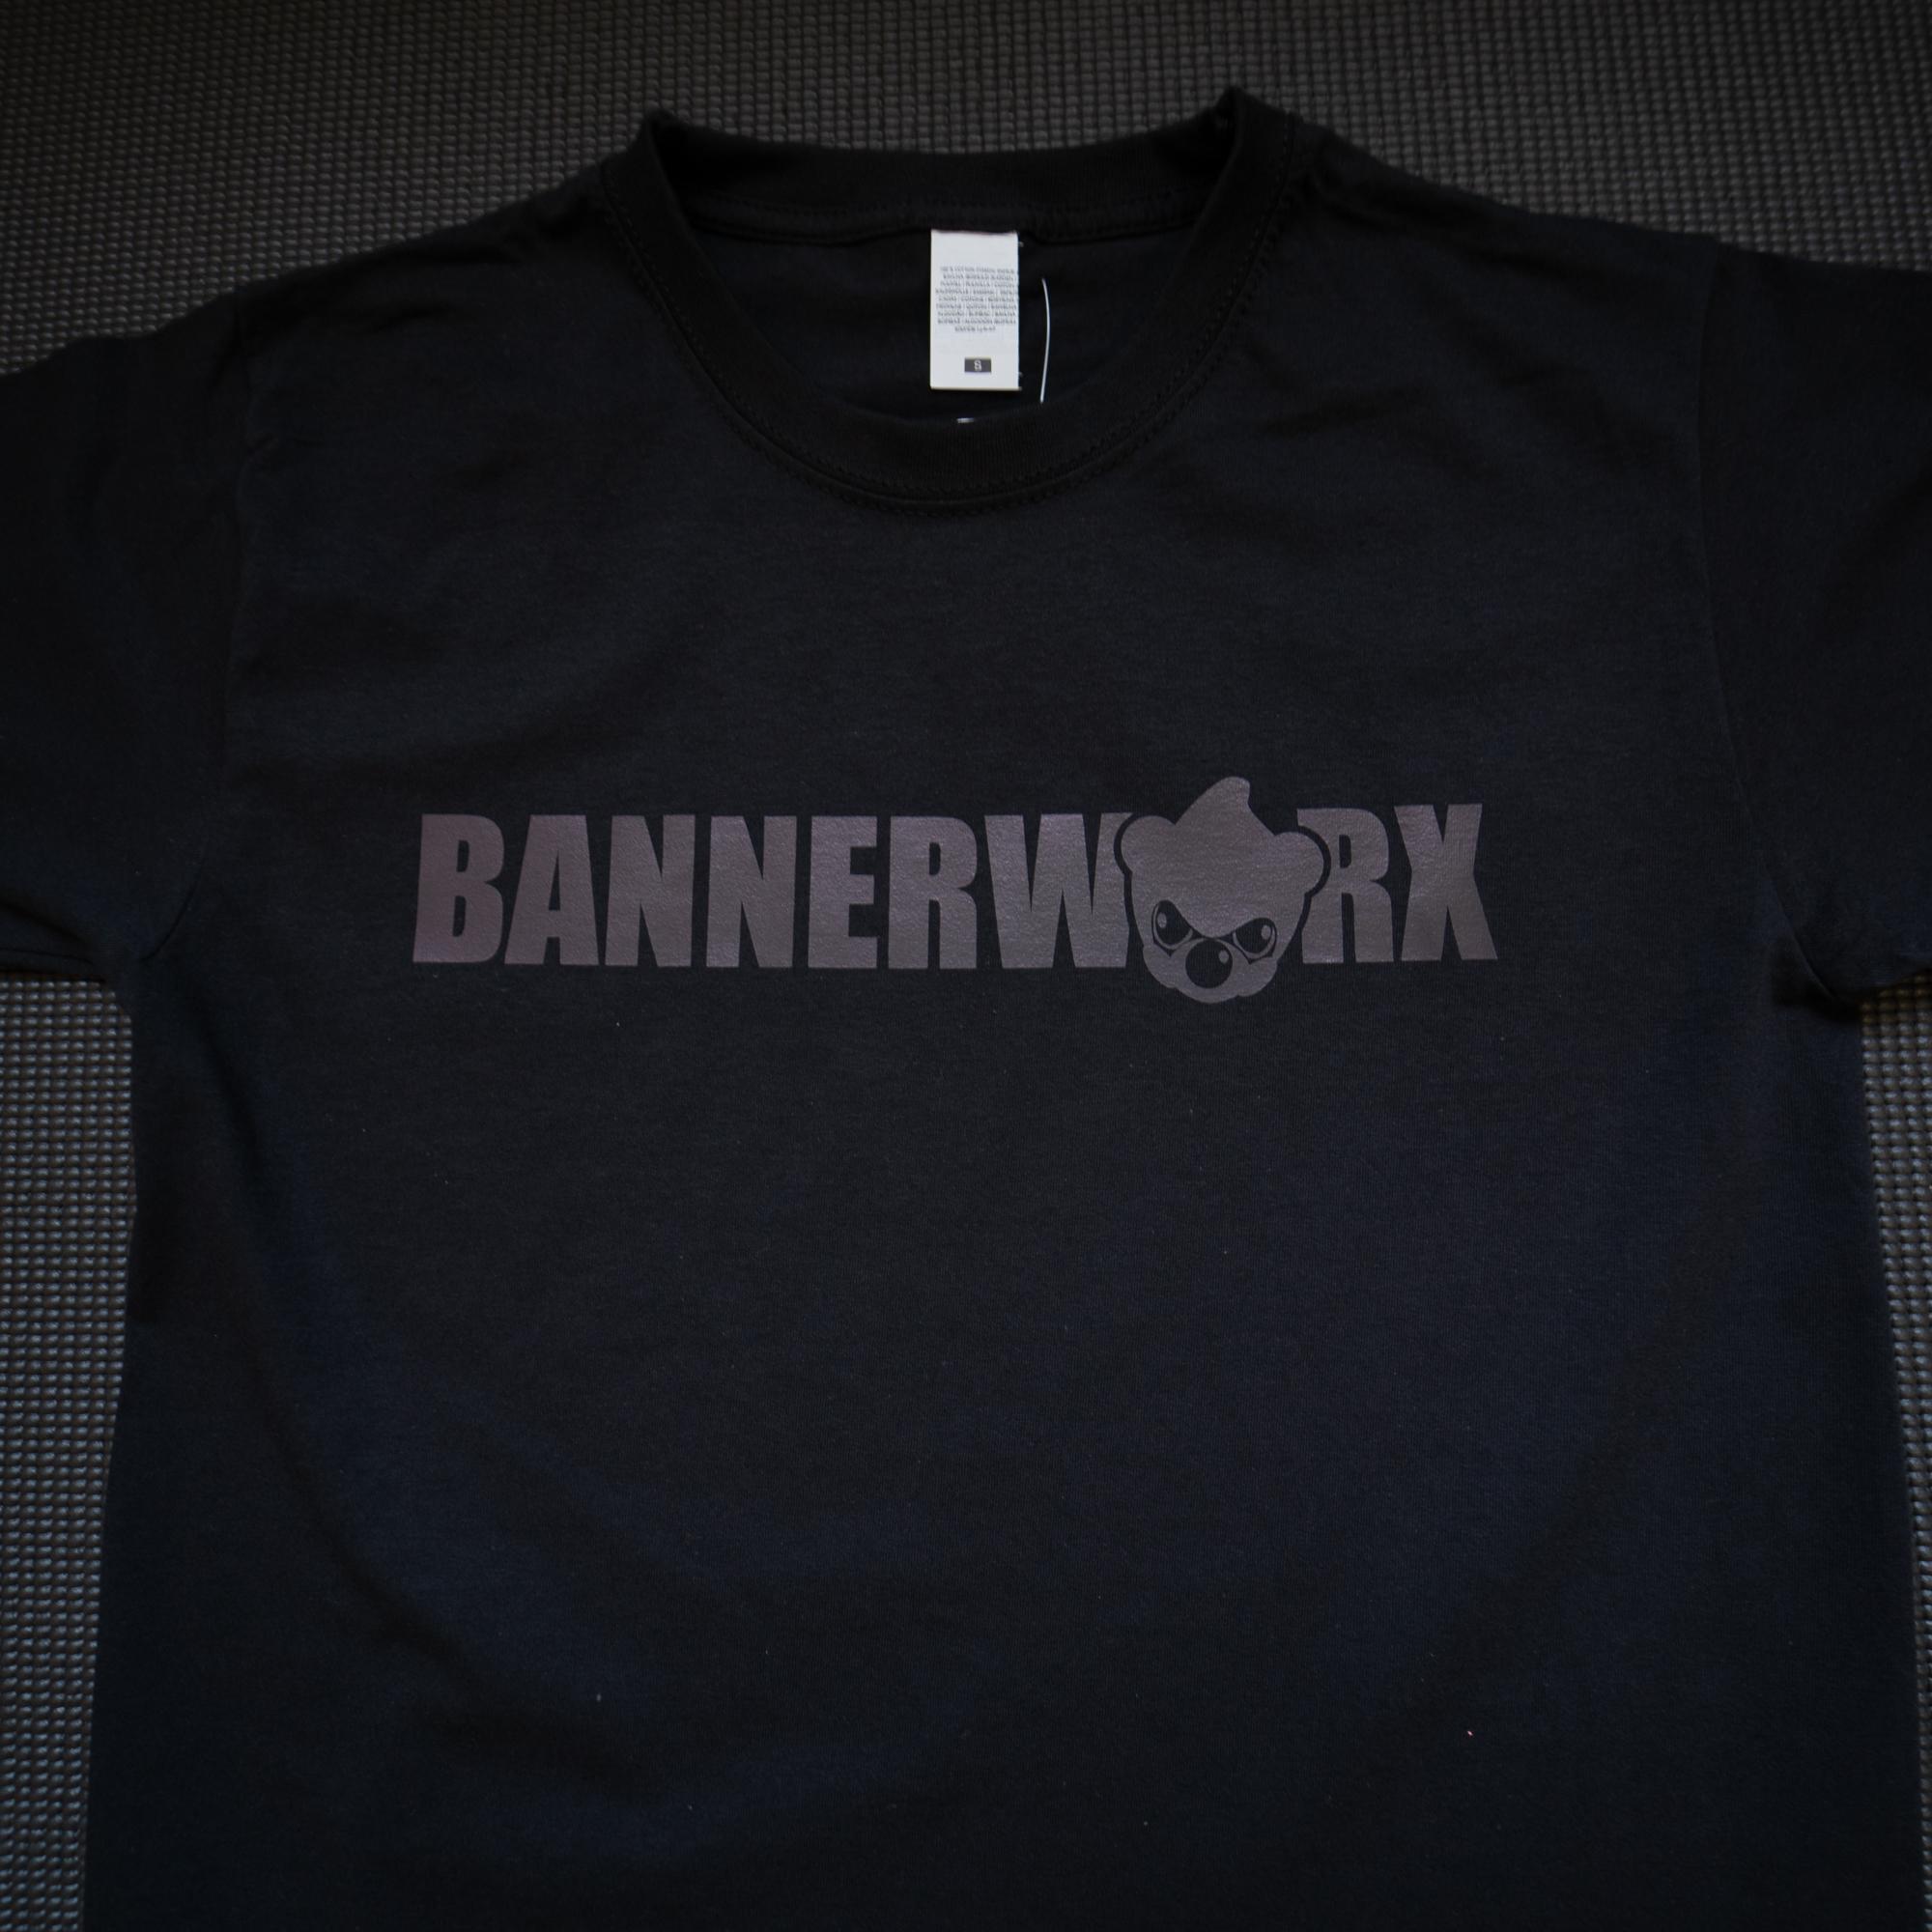 BANNERWORX-Chameleon2